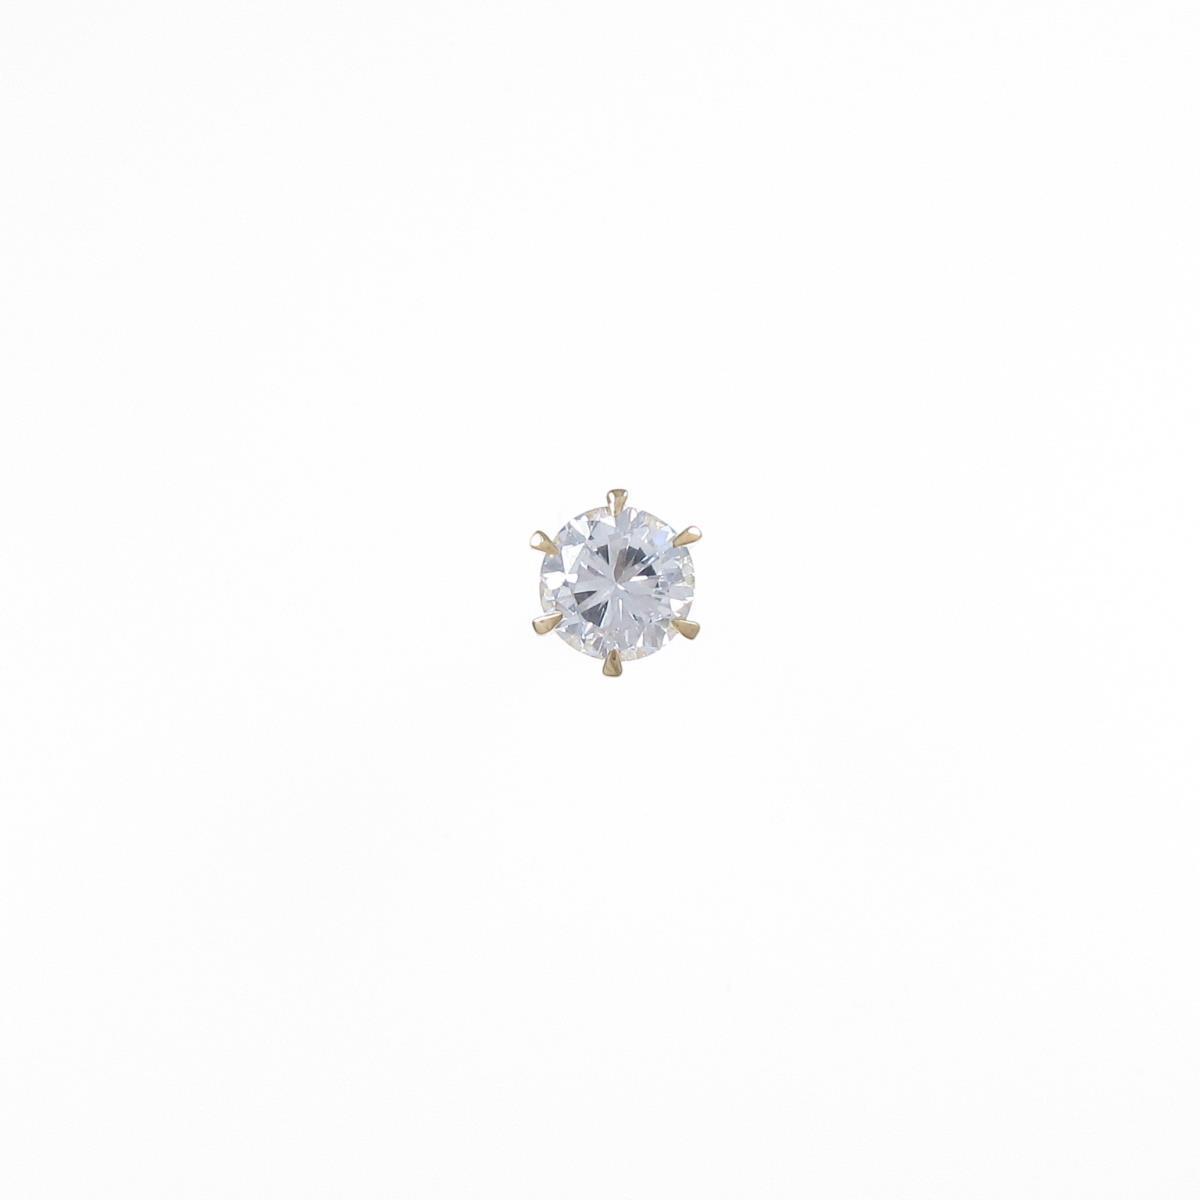 【リメイク】K18YG ダイヤモンドピアス 0.336ct・F・VS1・FAIR 片耳【中古】